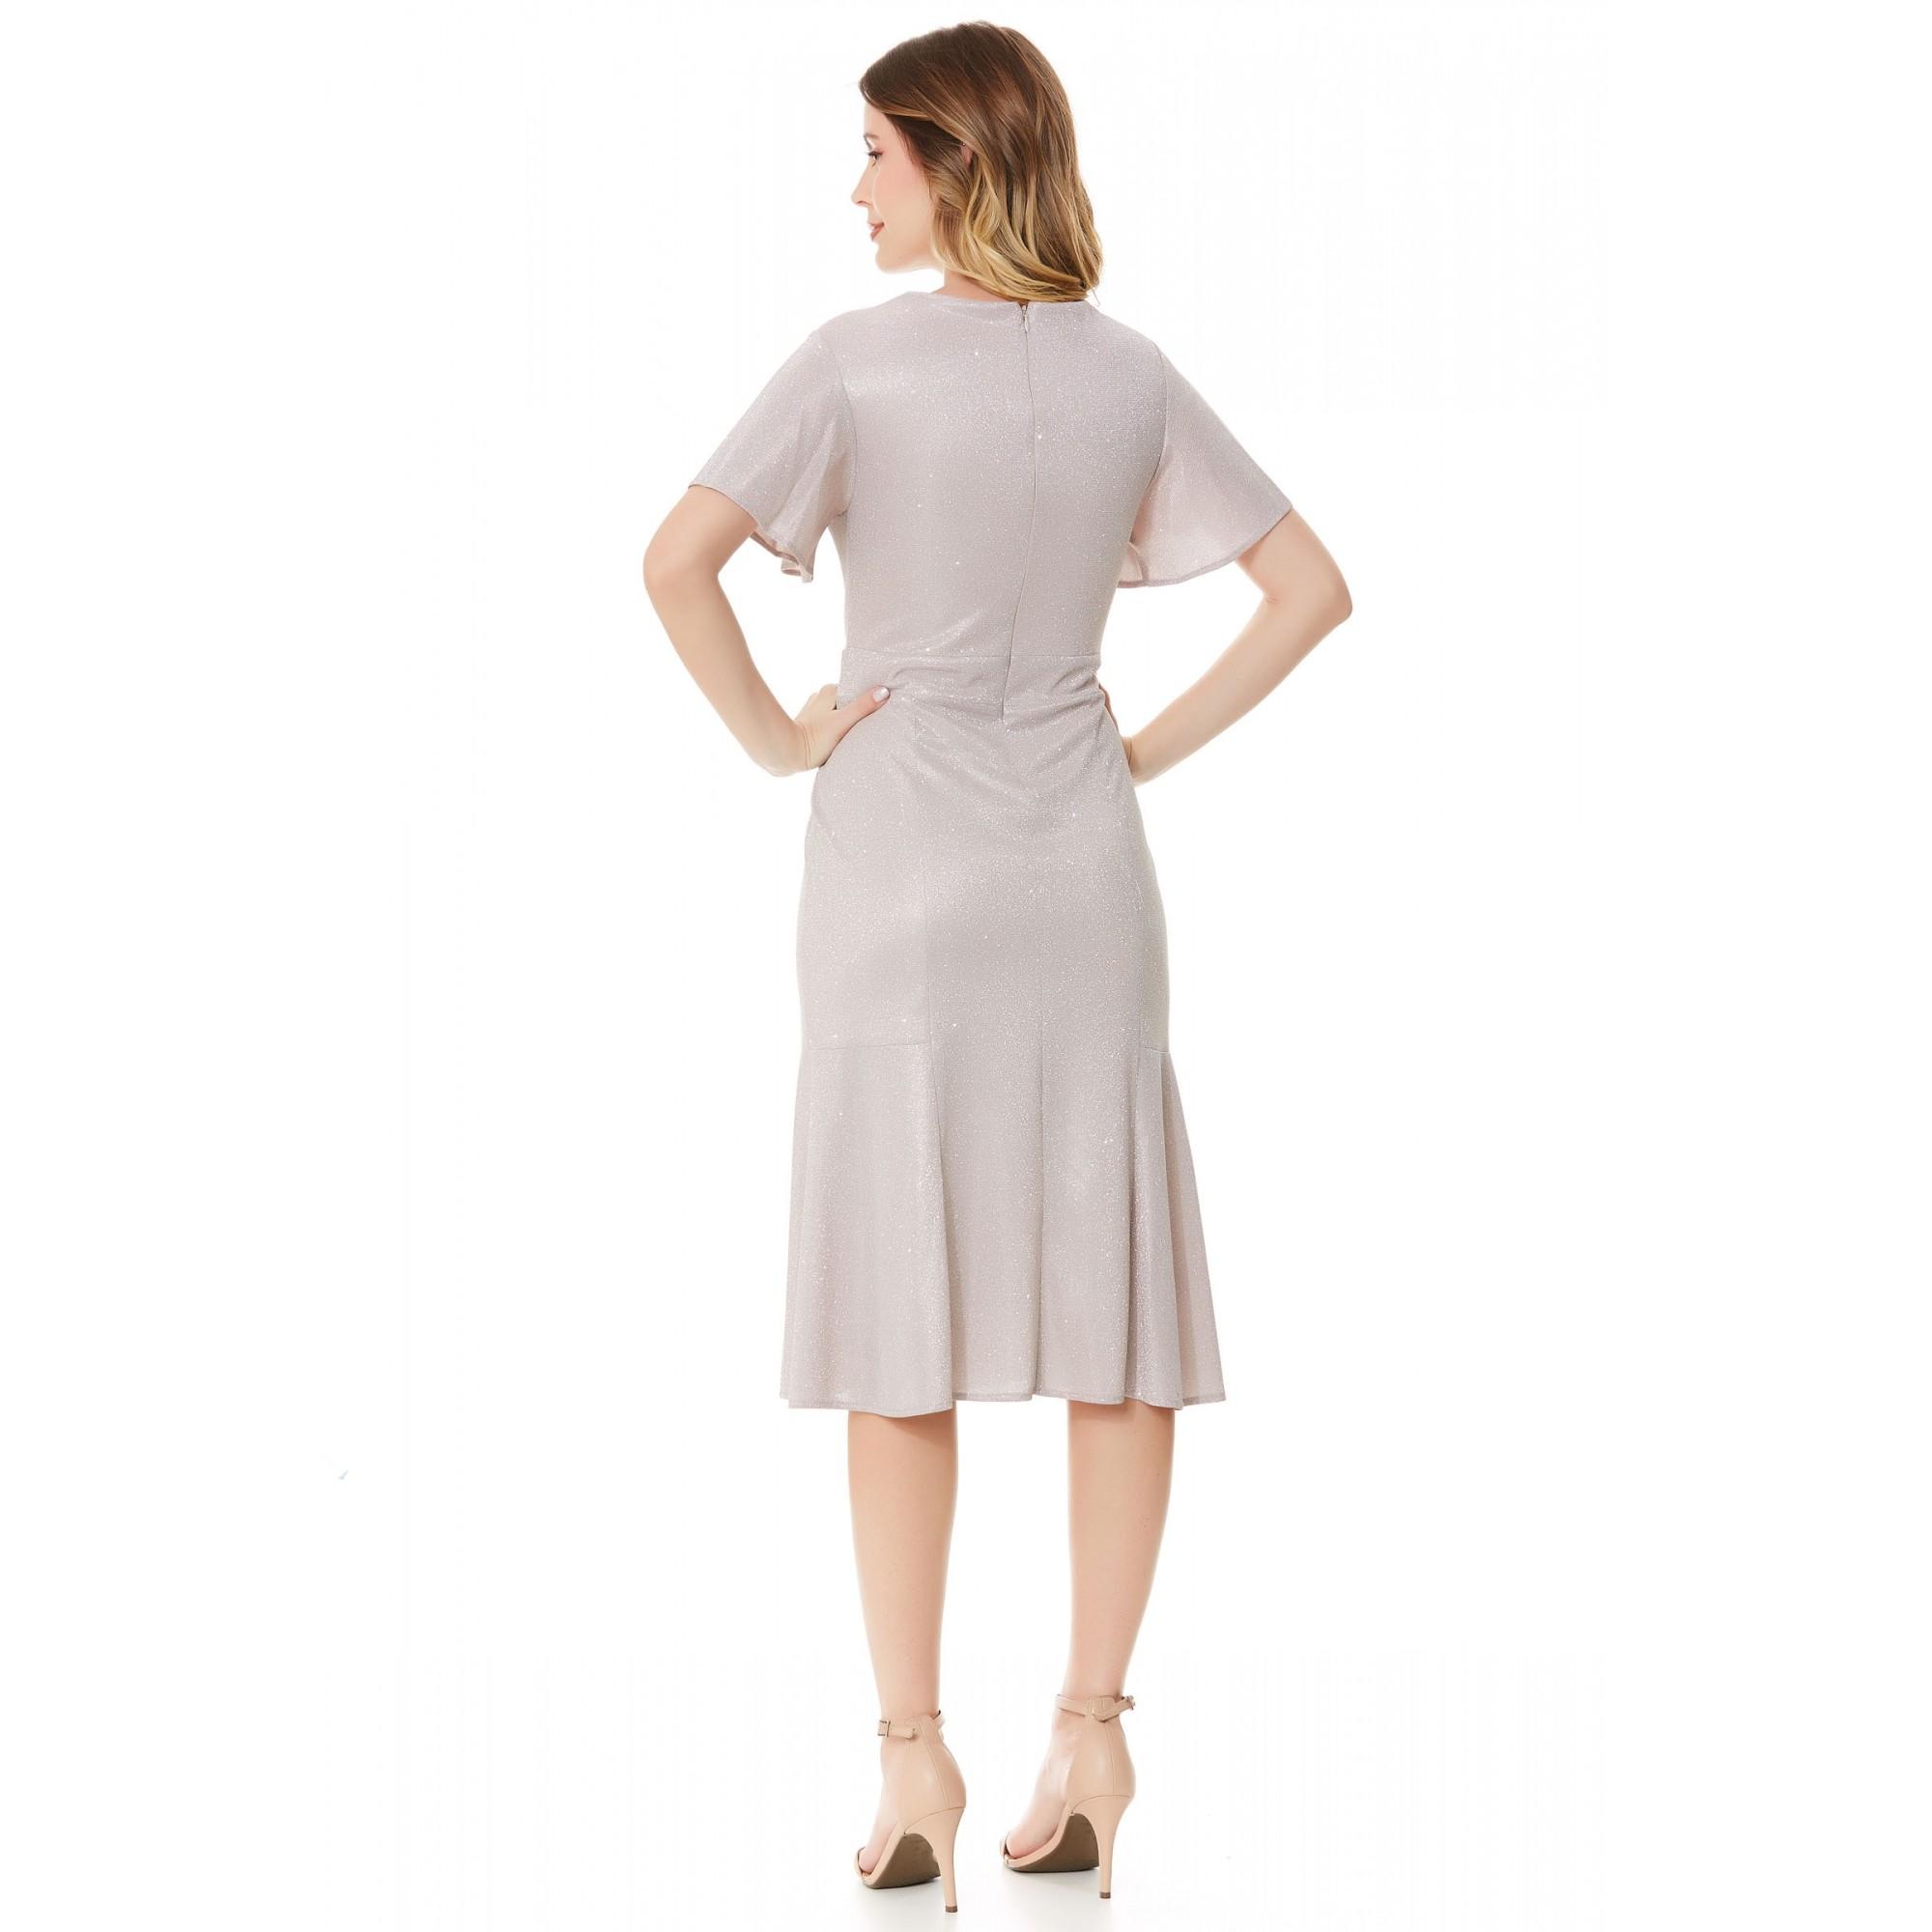 Vestido Megan - NUDE